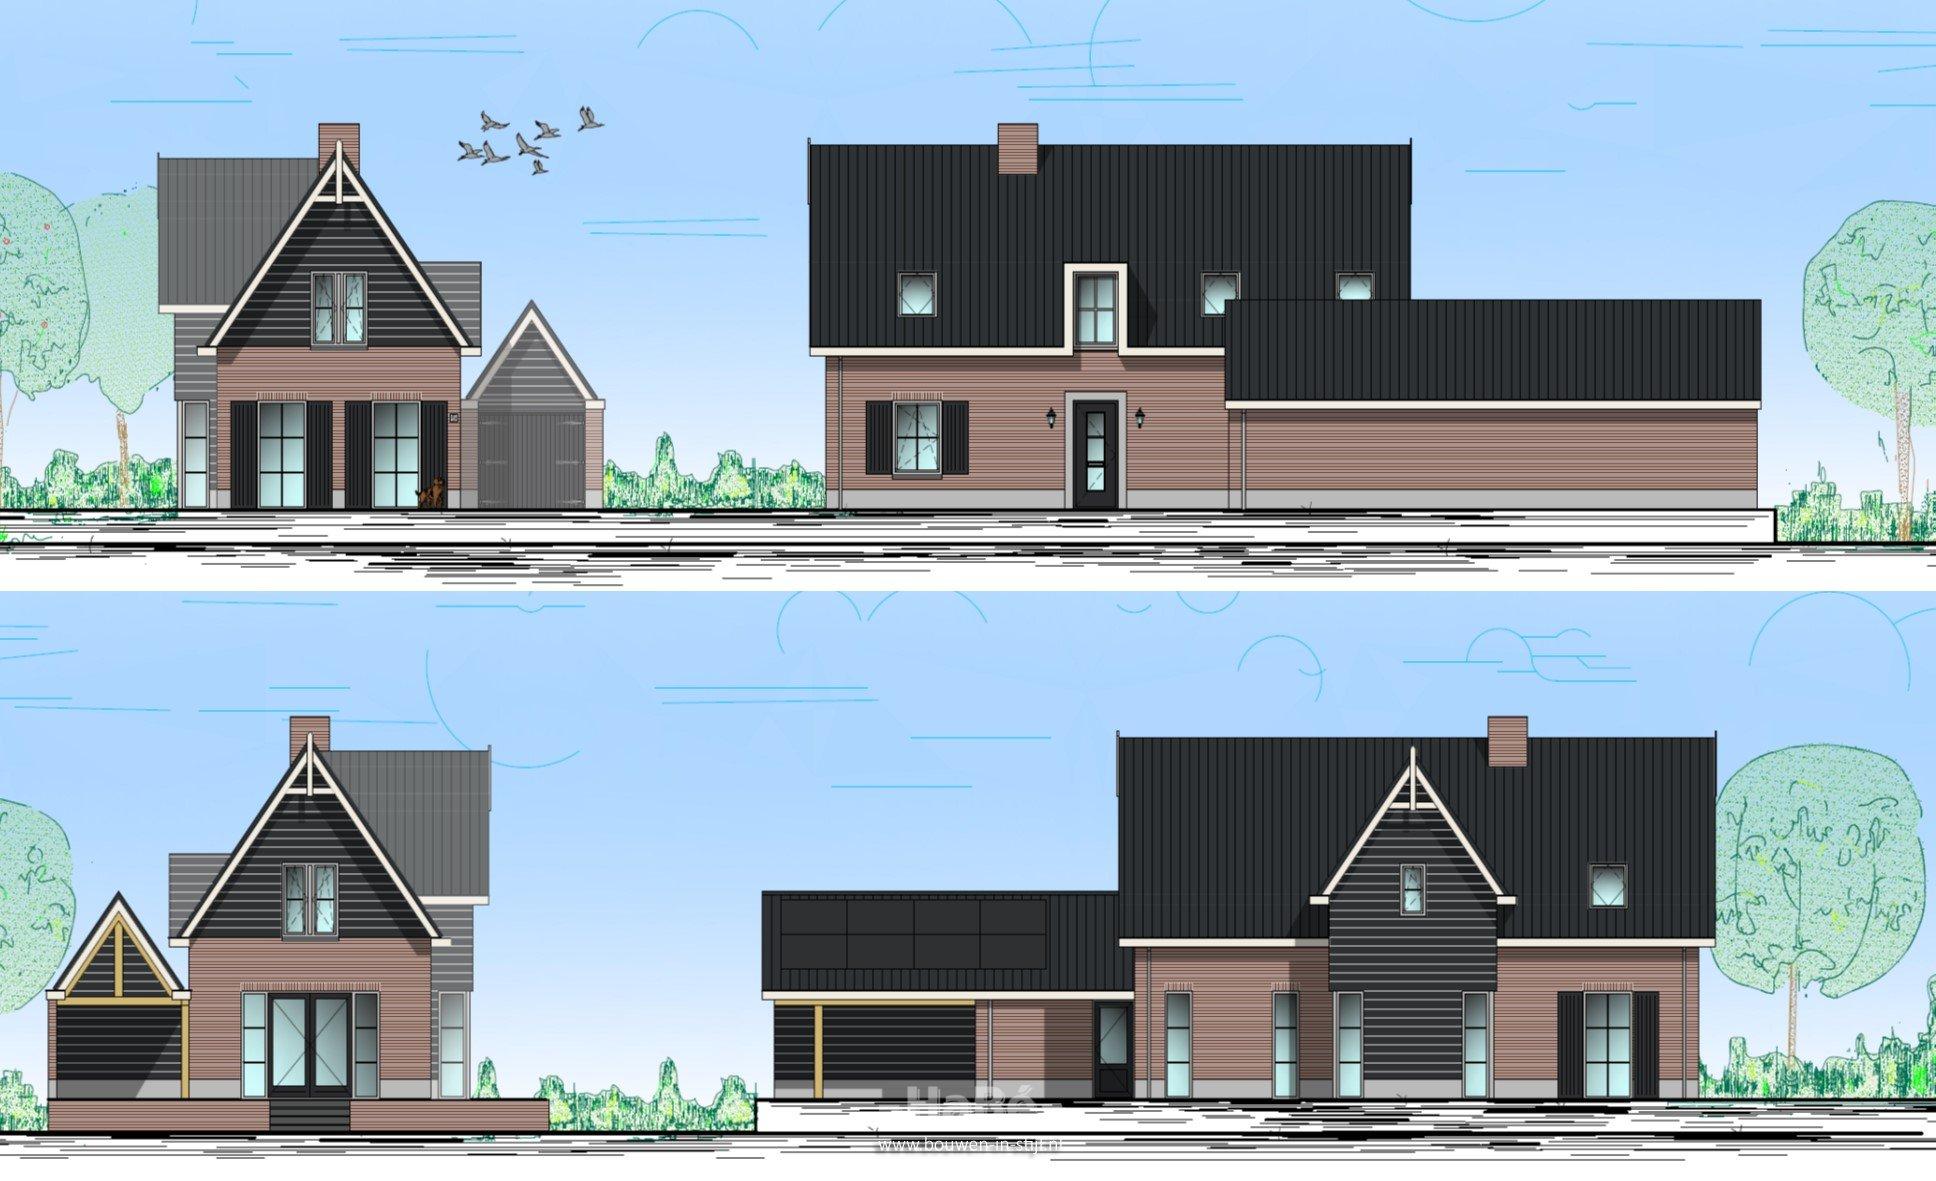 Goedkoop huis bouwen prijzen basiswoning d with goedkoop for Prijzen nieuwbouw vrijstaande woning